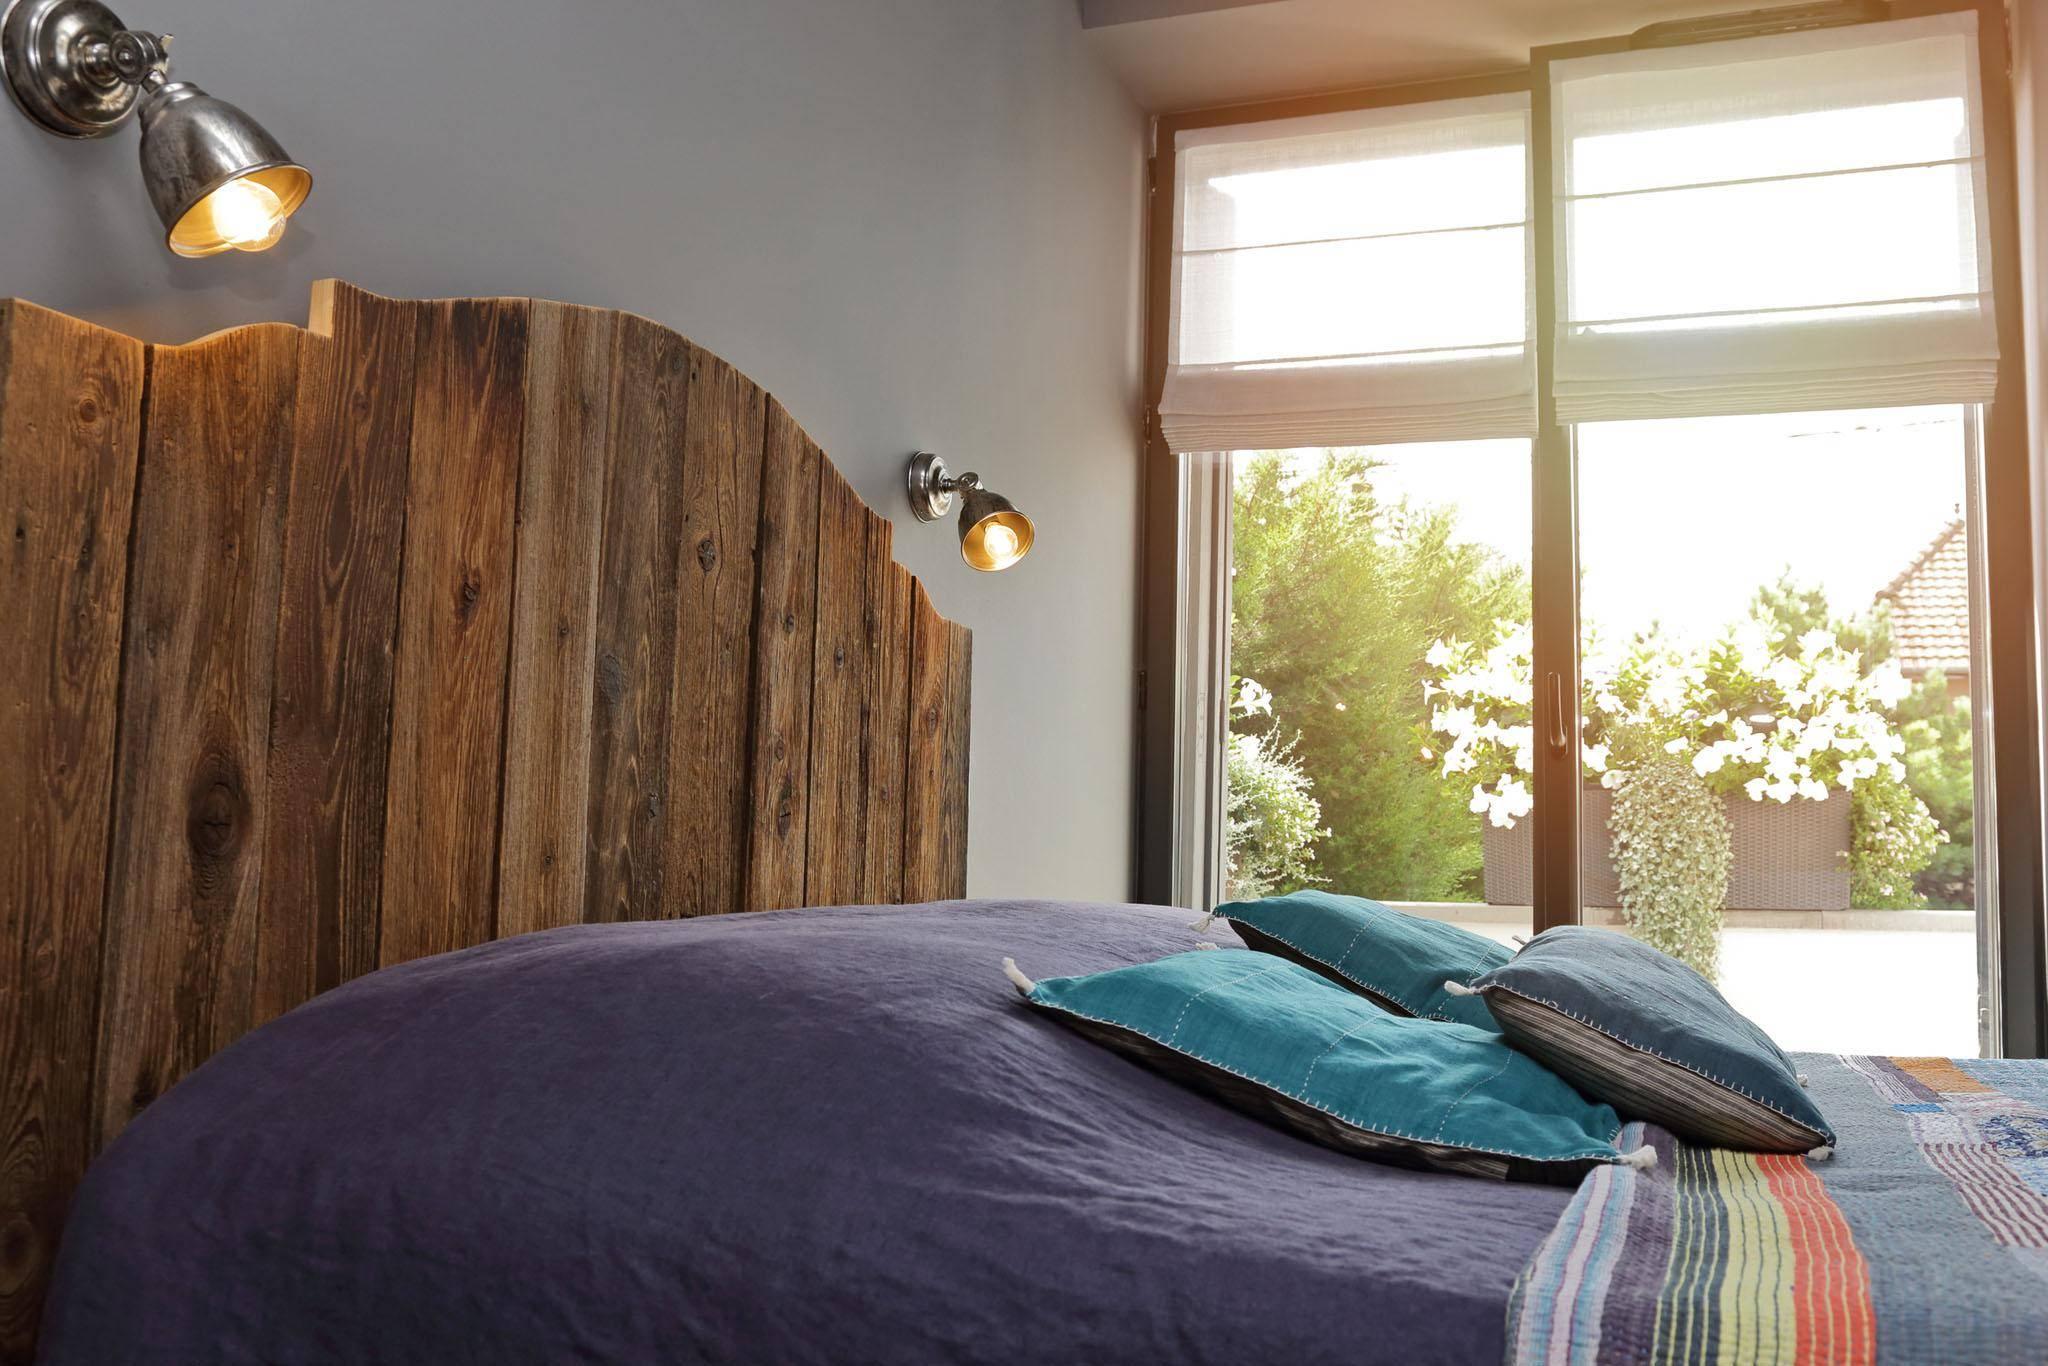 Planche Pour Tete De Lit quelles matières choisir pour une tête de lit ?